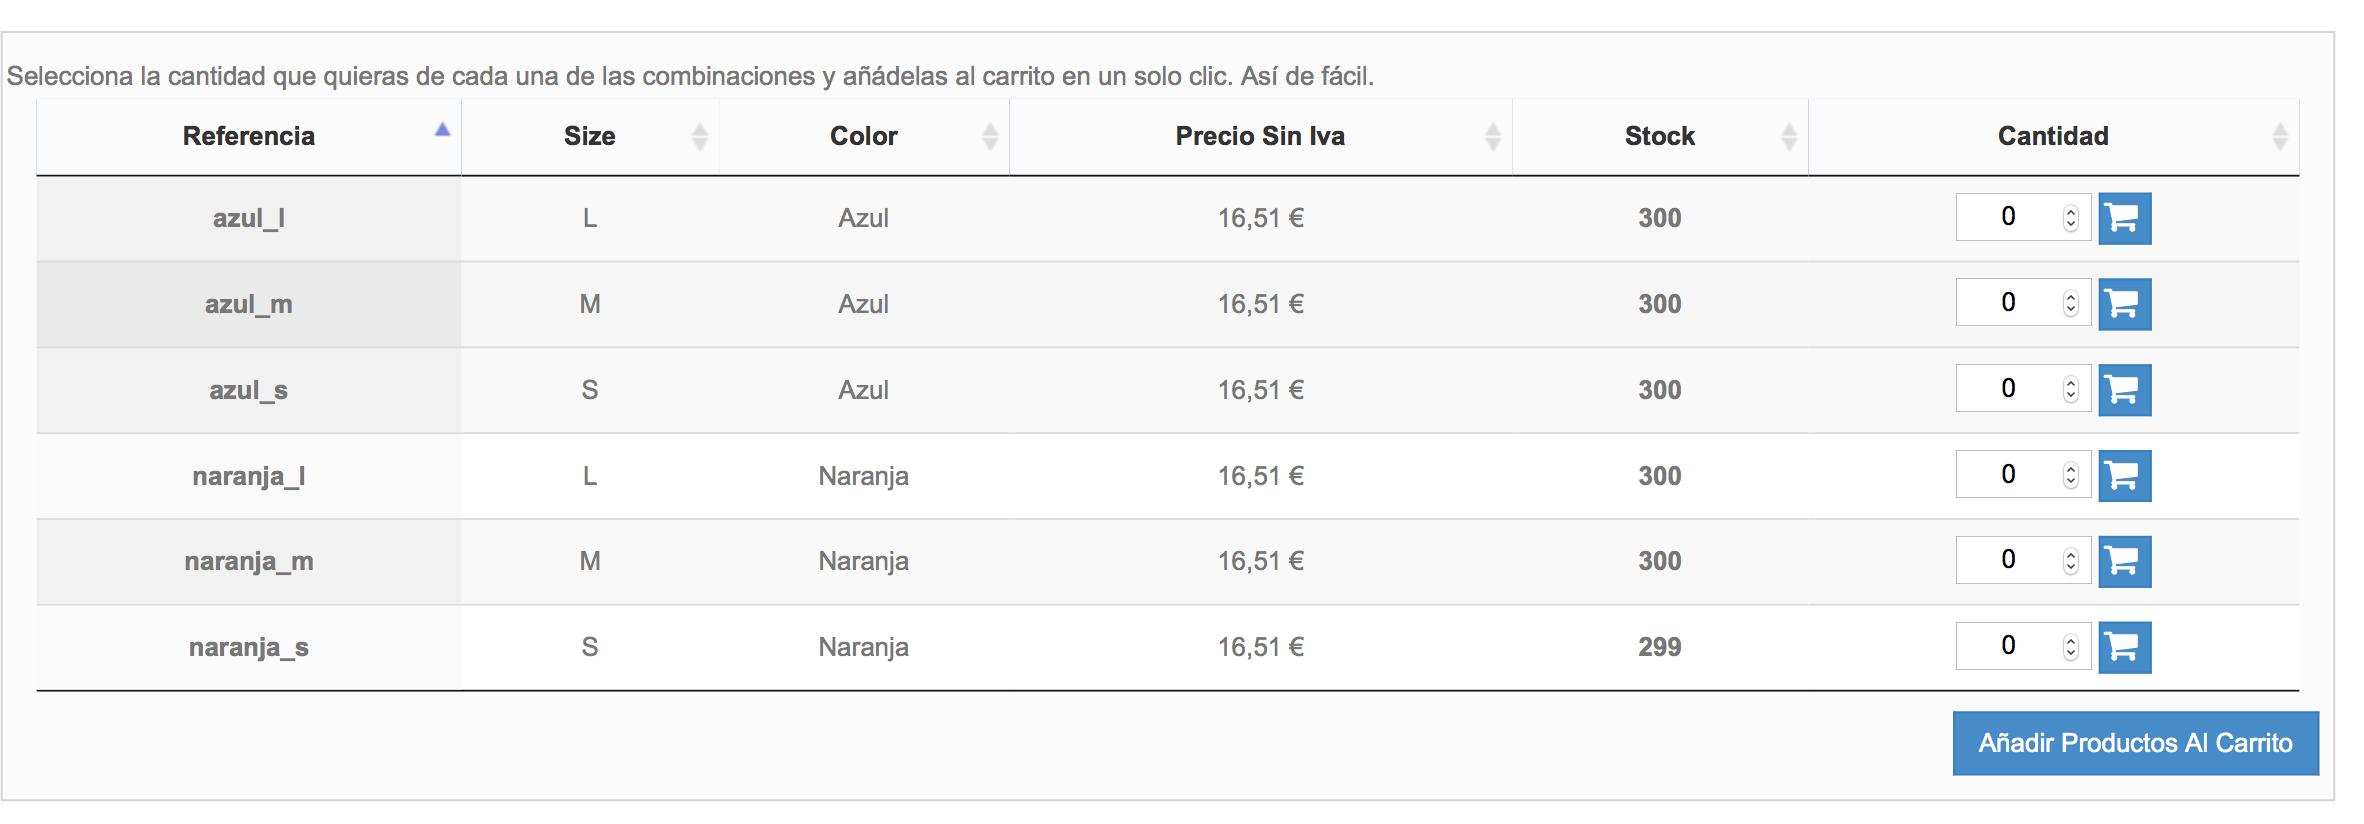 Tabla con referencia,  precio sin IVA, cantidad de stock, carrito línea y total, y sin filtro: